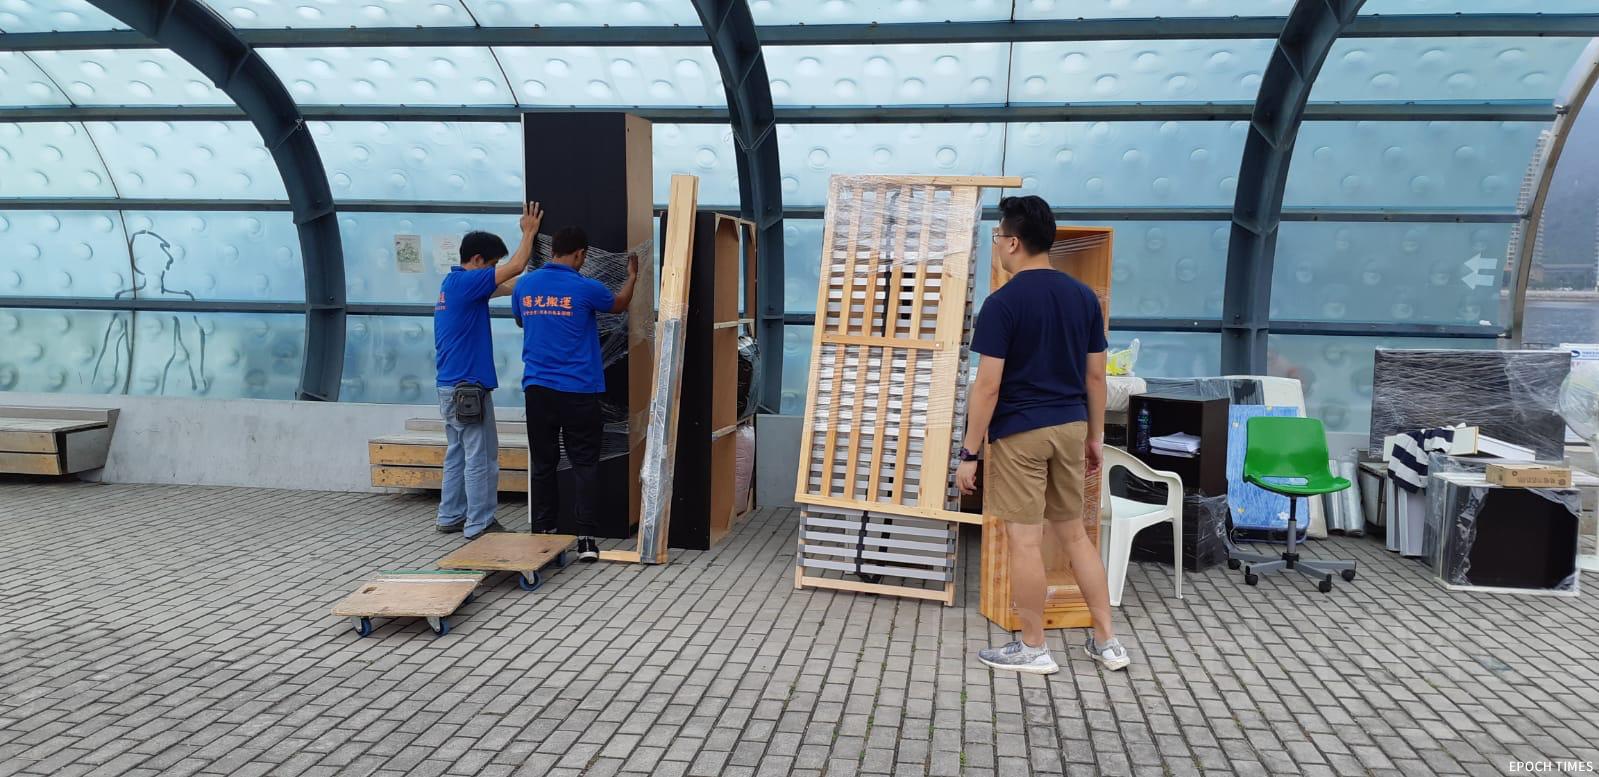 慈善機構「曙光計劃」捐贈物資,並派出「曙光車隊」運送傢俬到碼頭。(受訪者提供)